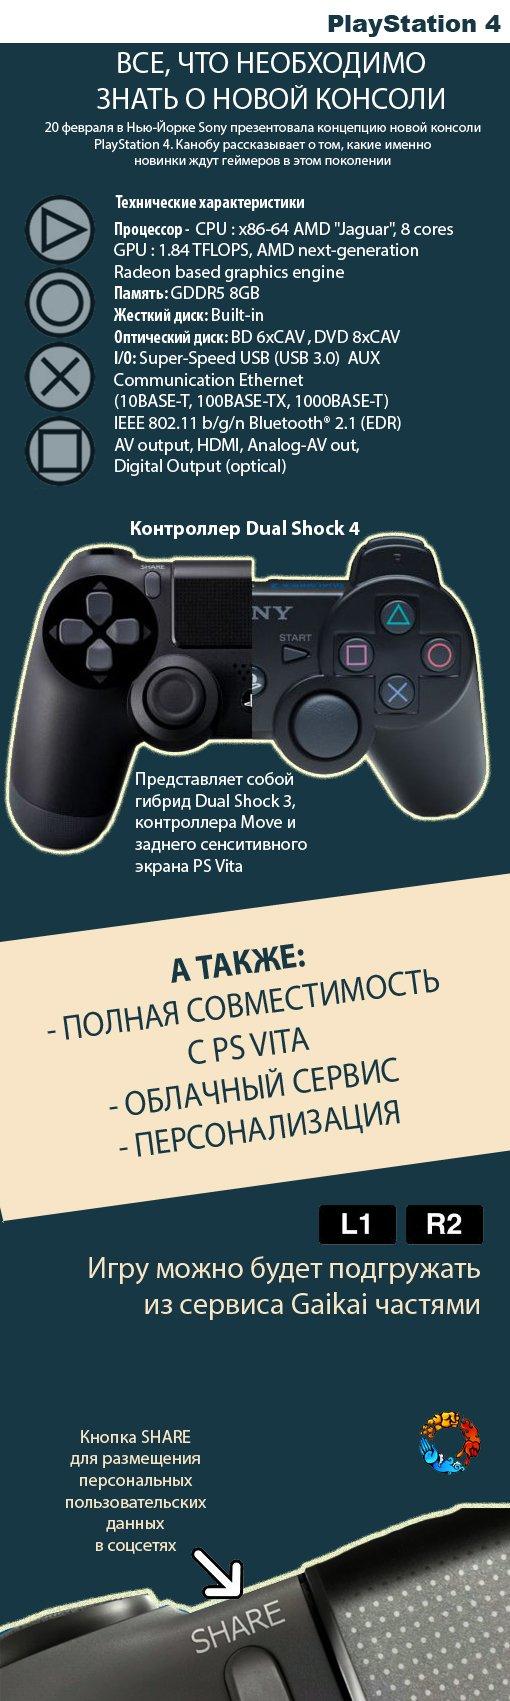 PlayStation 4. Все, что необходимо знать о новой консоли | Канобу - Изображение 1